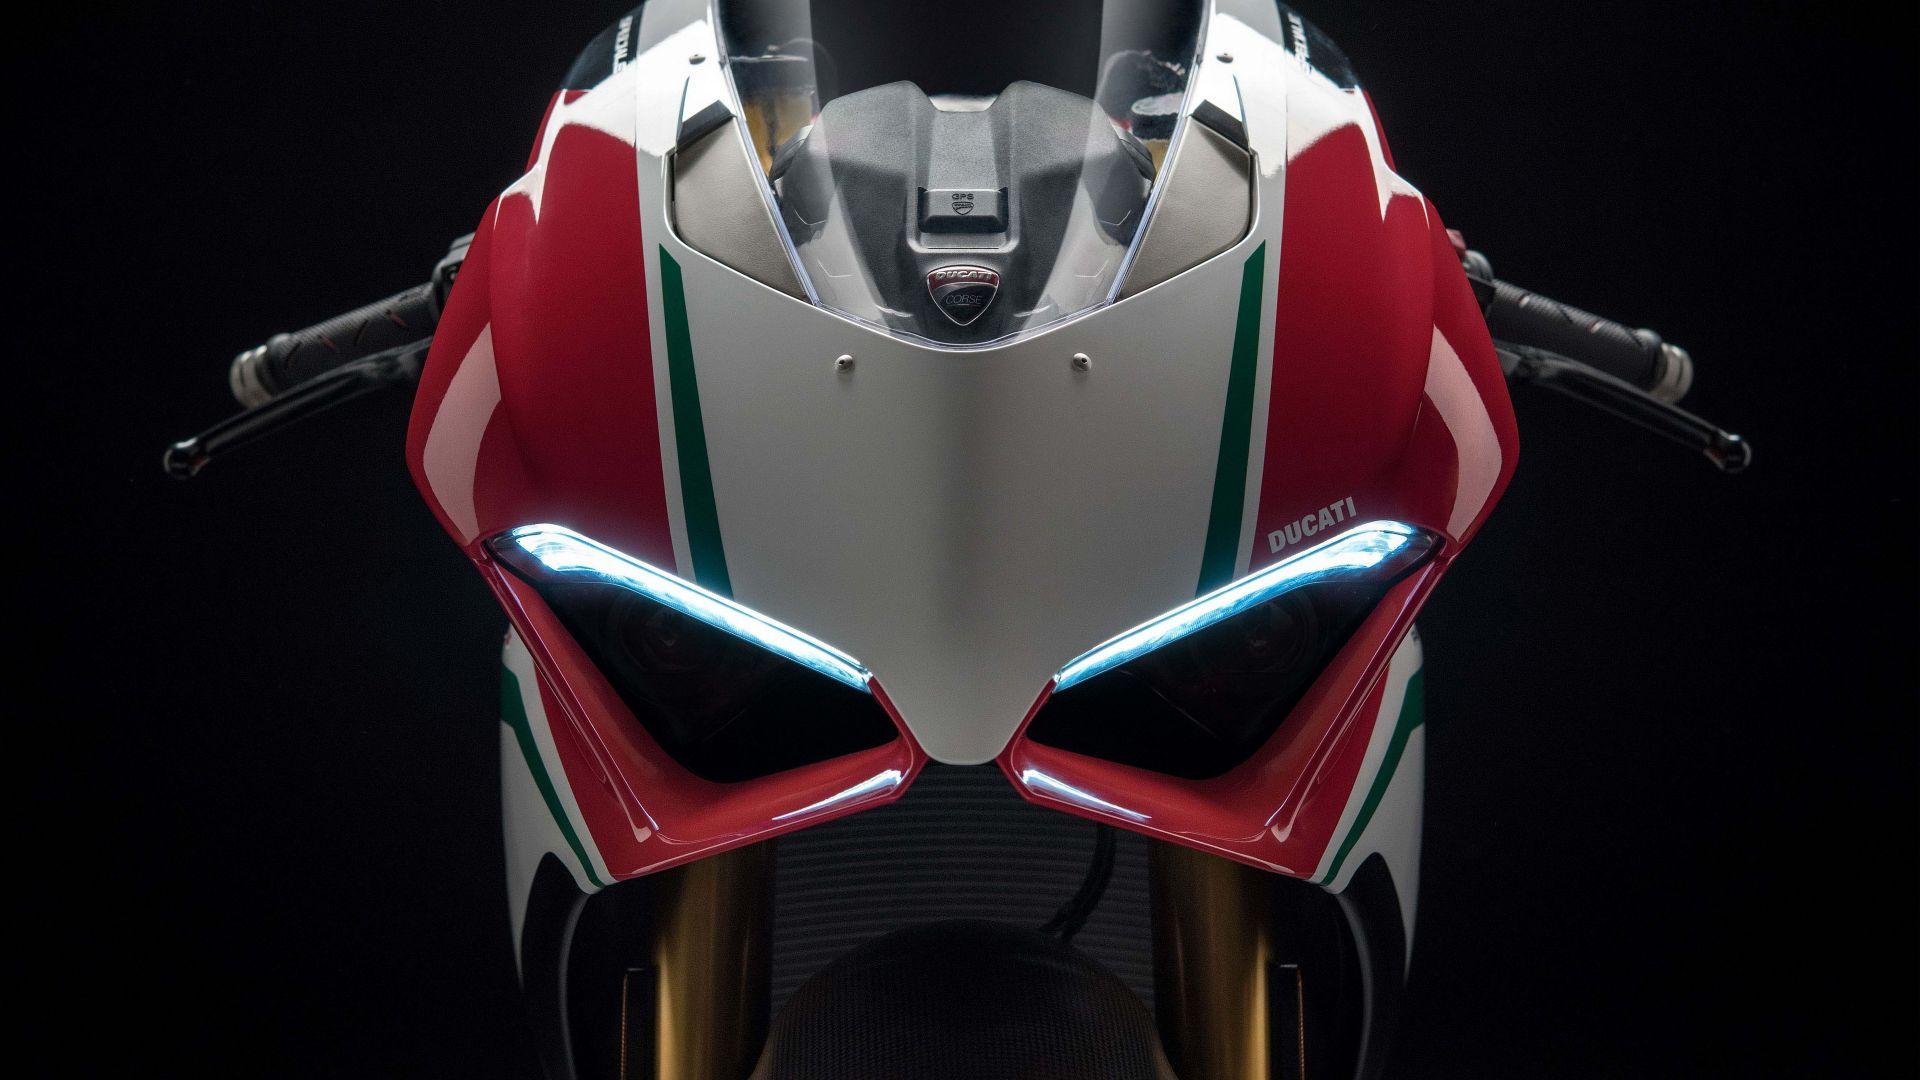 Wallpaper 2018 Ducati Panigale V4, superbike, 4k